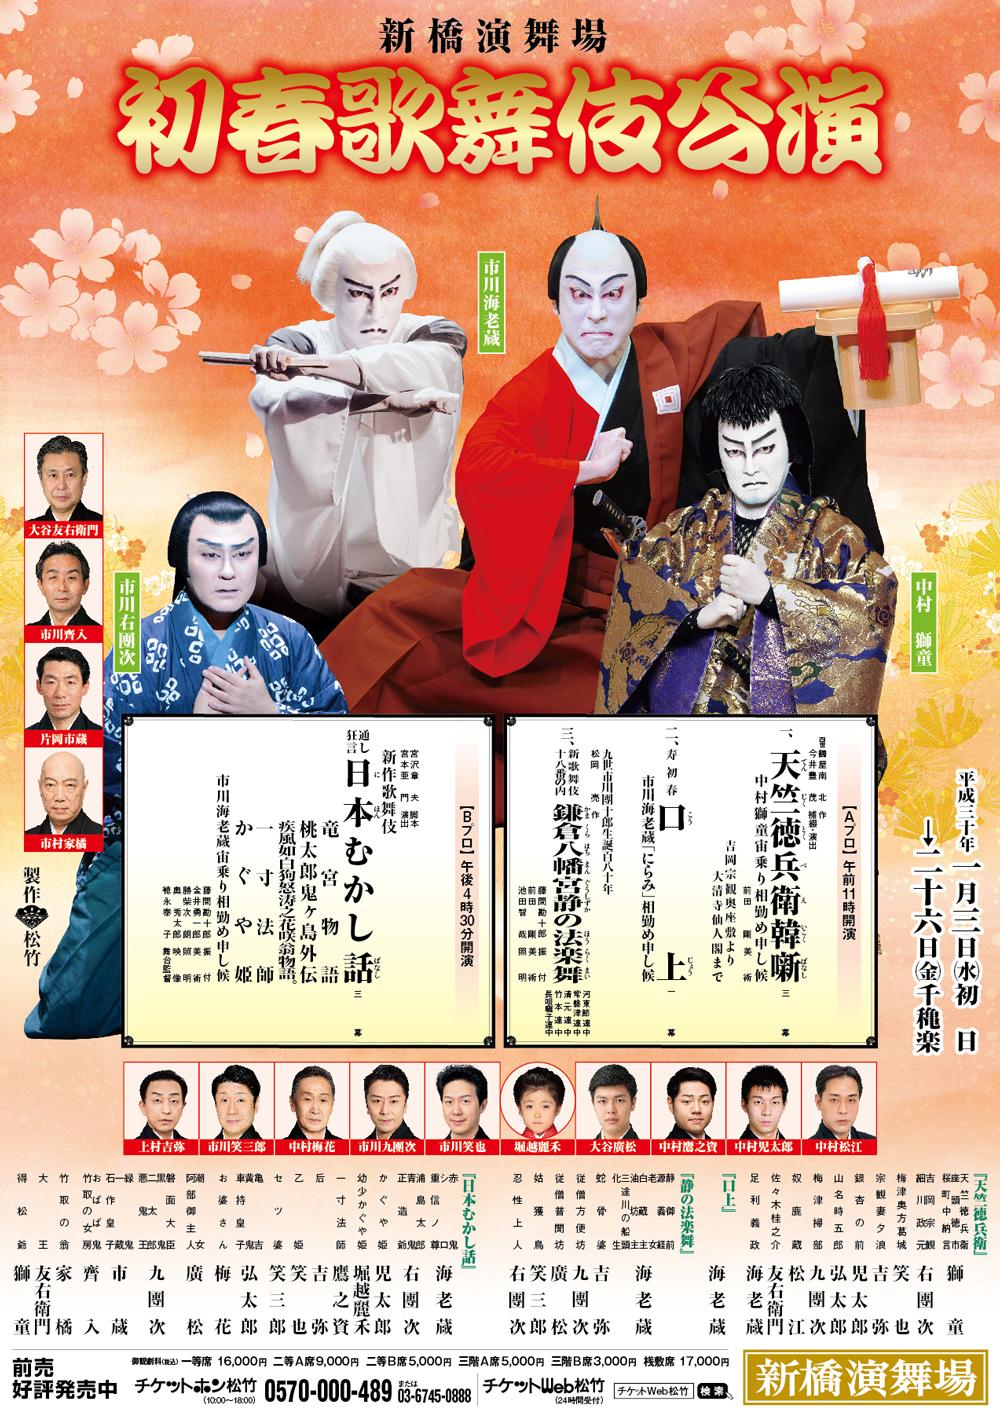 http://www.kabuki-bito.jp/uploads/images/kouen/555/shinbashi_201801f3_7a44ba5f1bf2295d901b3841aa5dd7b0.jpg